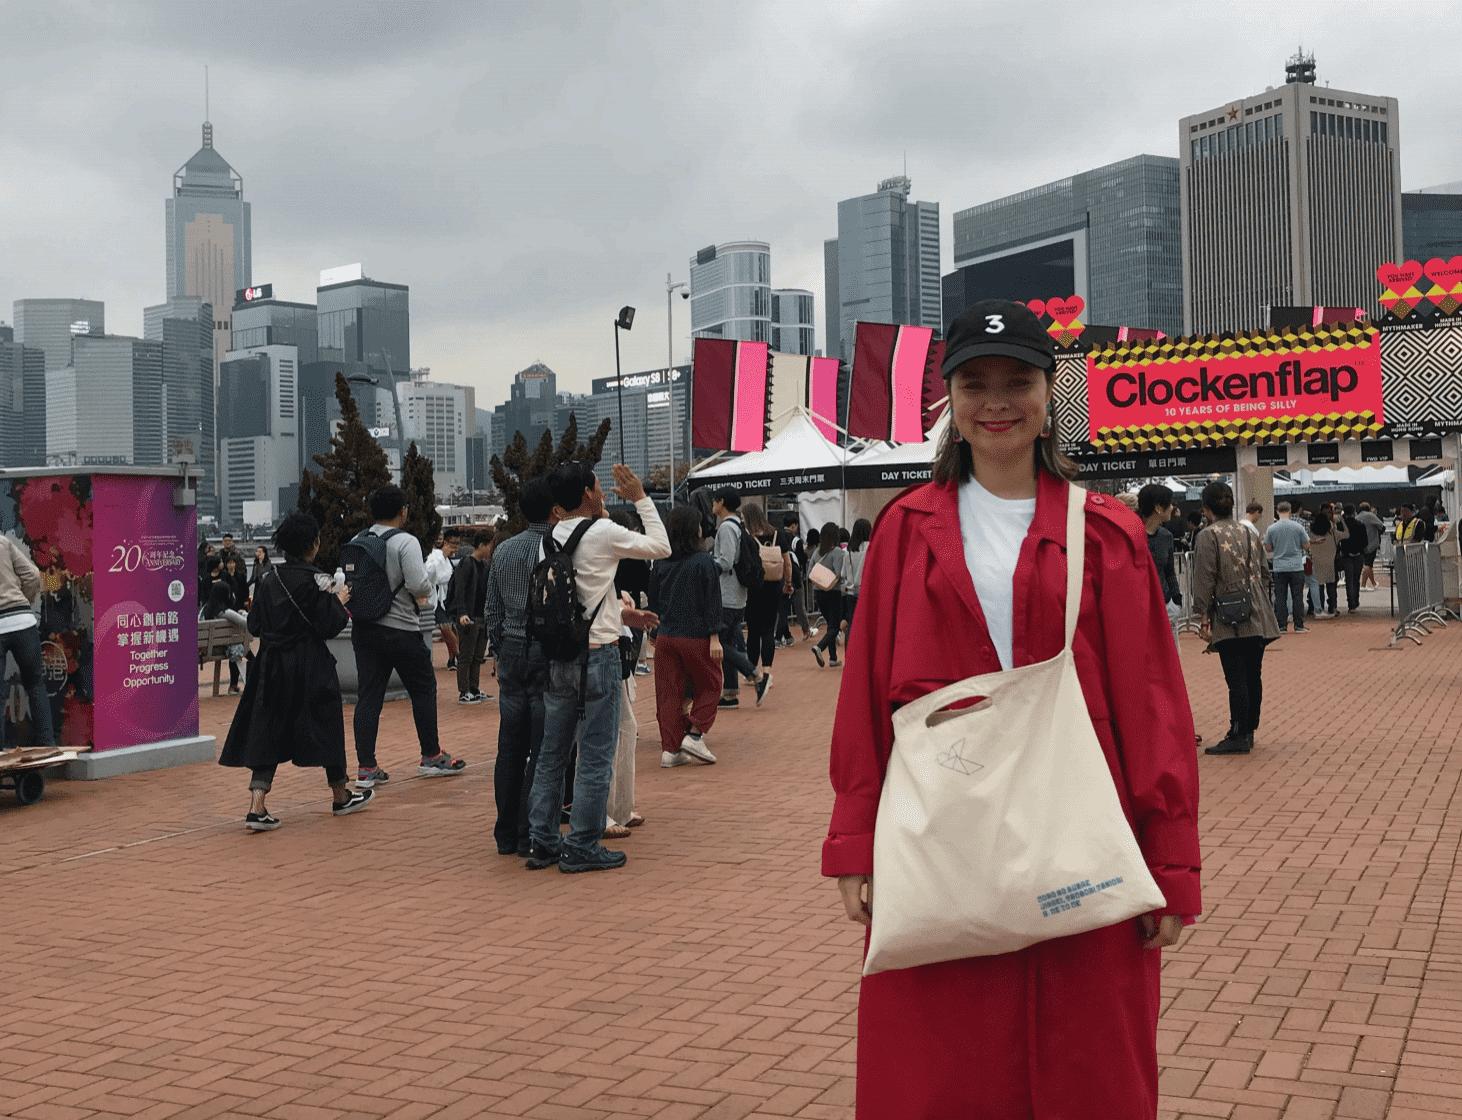 【香港Clockenflap】初心者&ビギナー向けガイド〜アクセス・宿泊・服装・フード事情〜